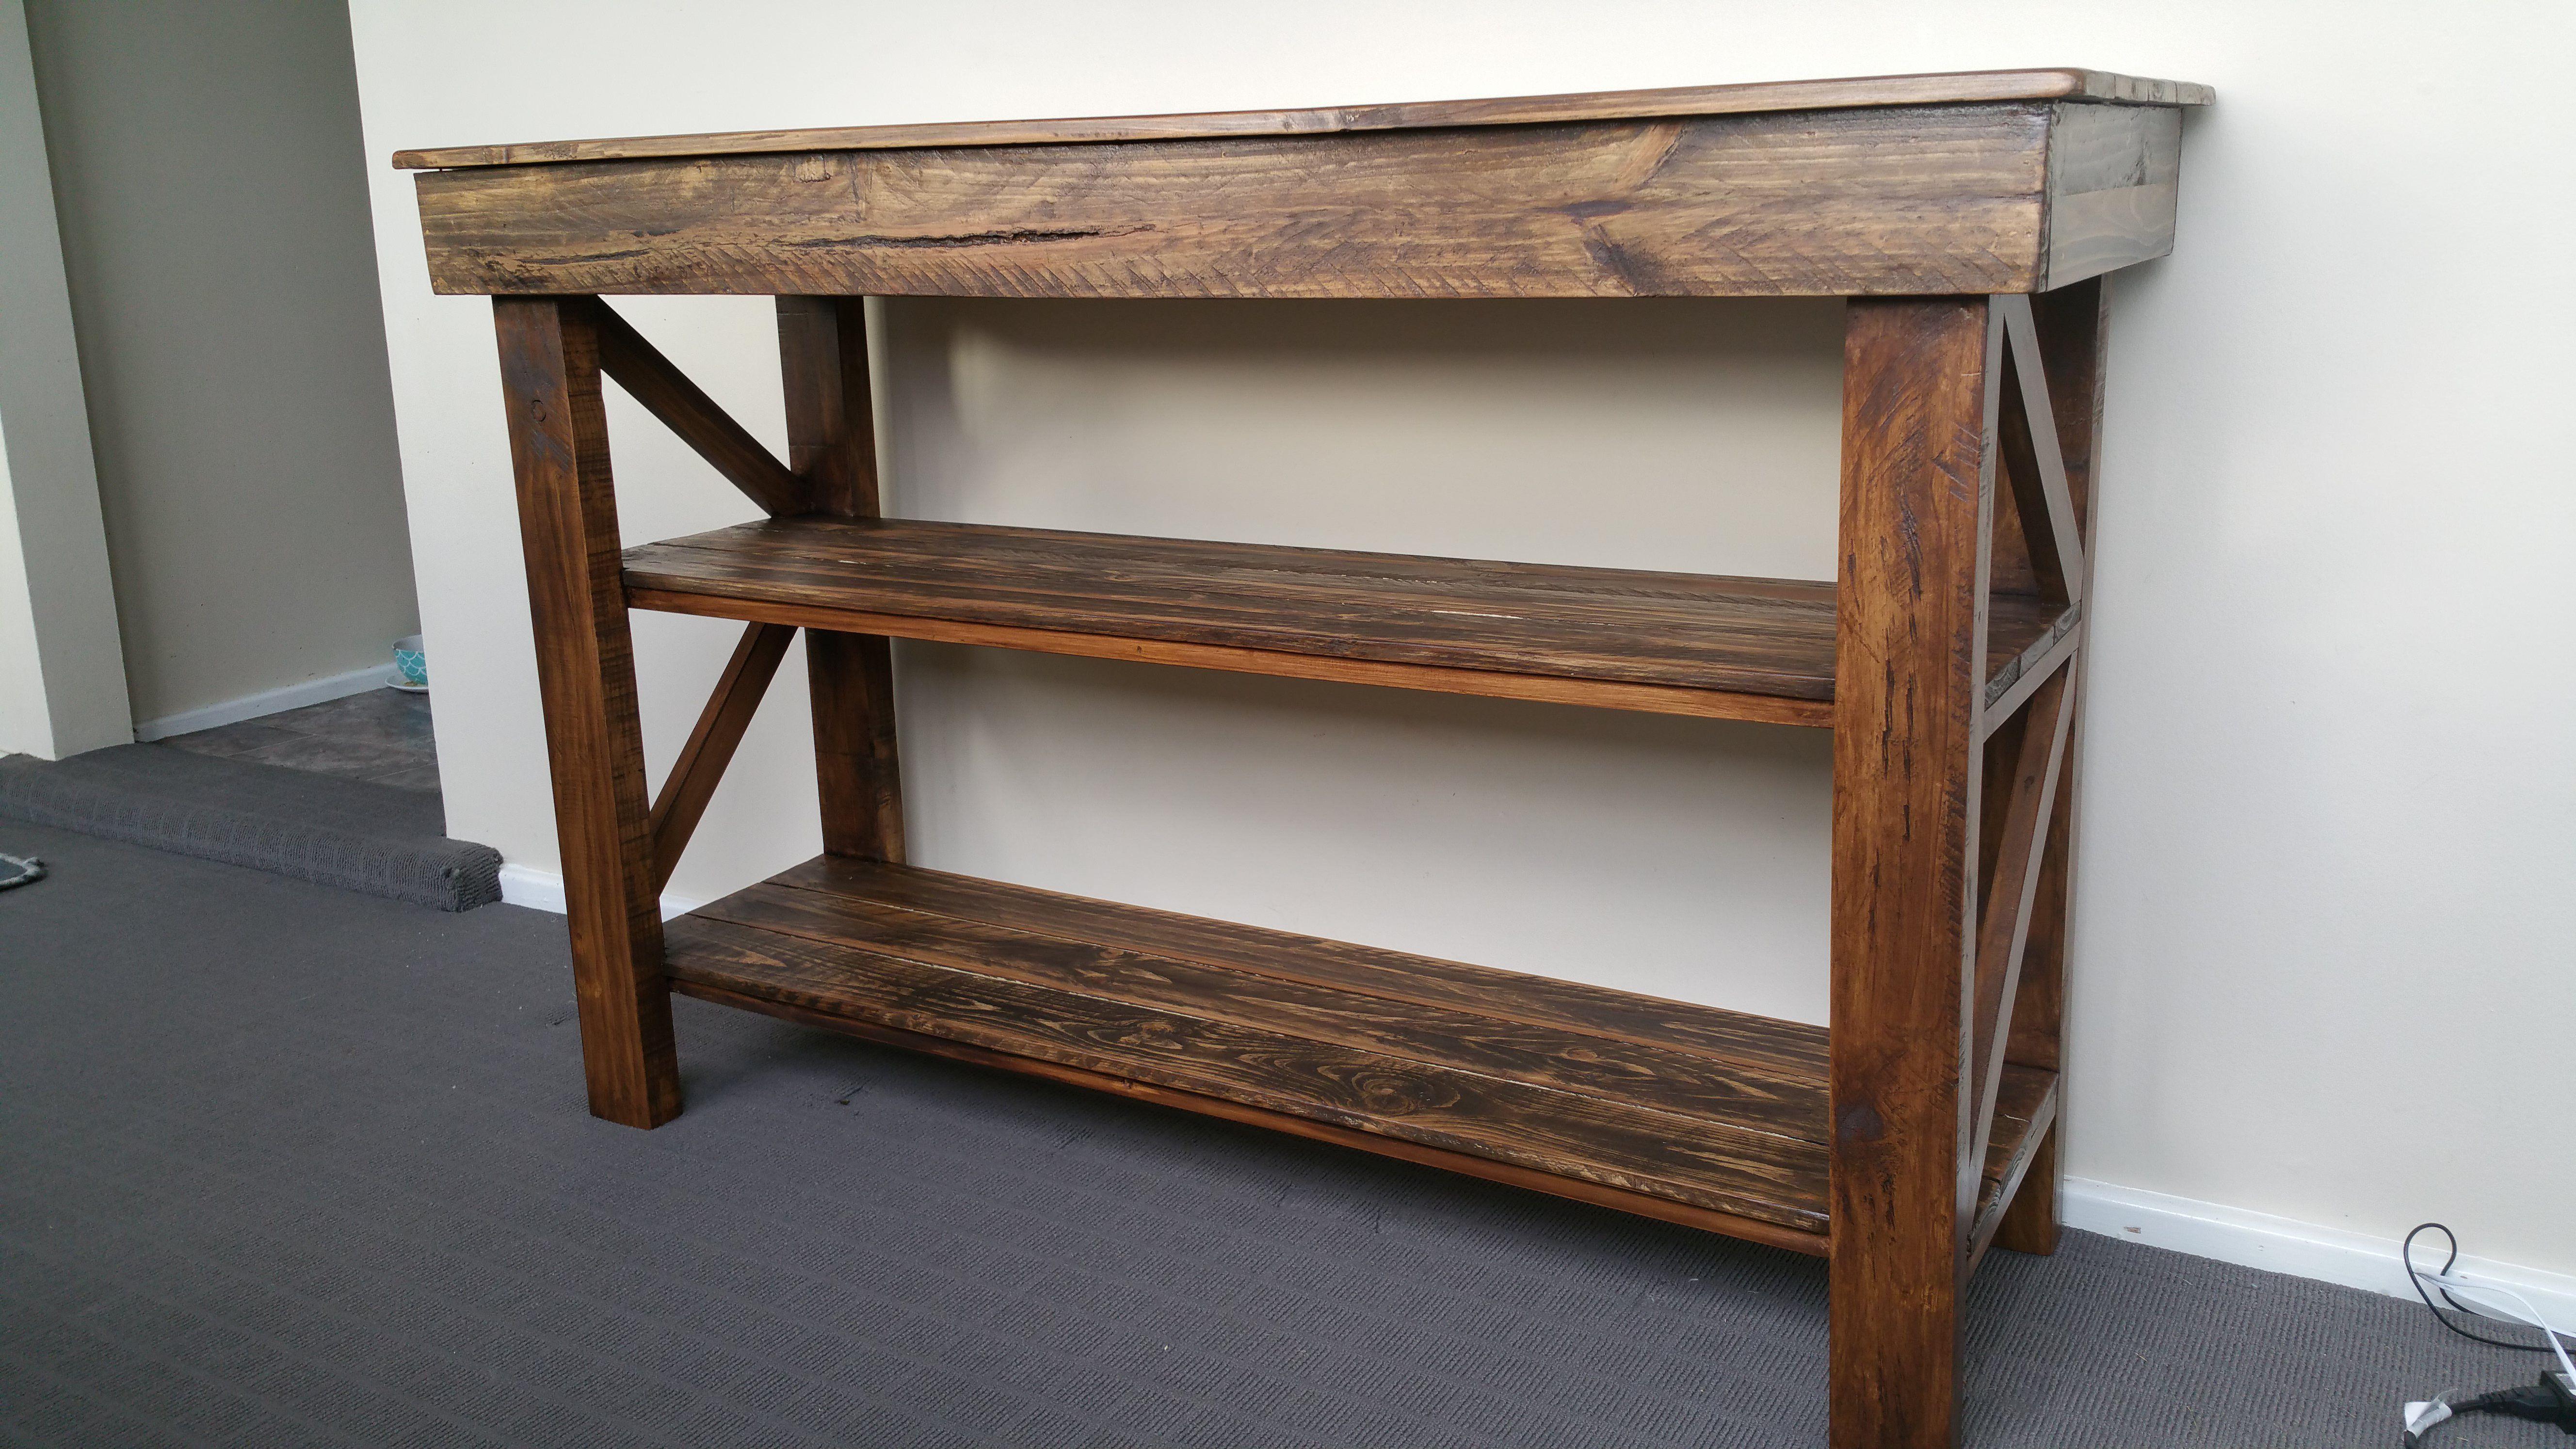 Cool Pallet Computer Deskbuffet Table #Buffet #Computerdesk #Displayunit #Livingroom #